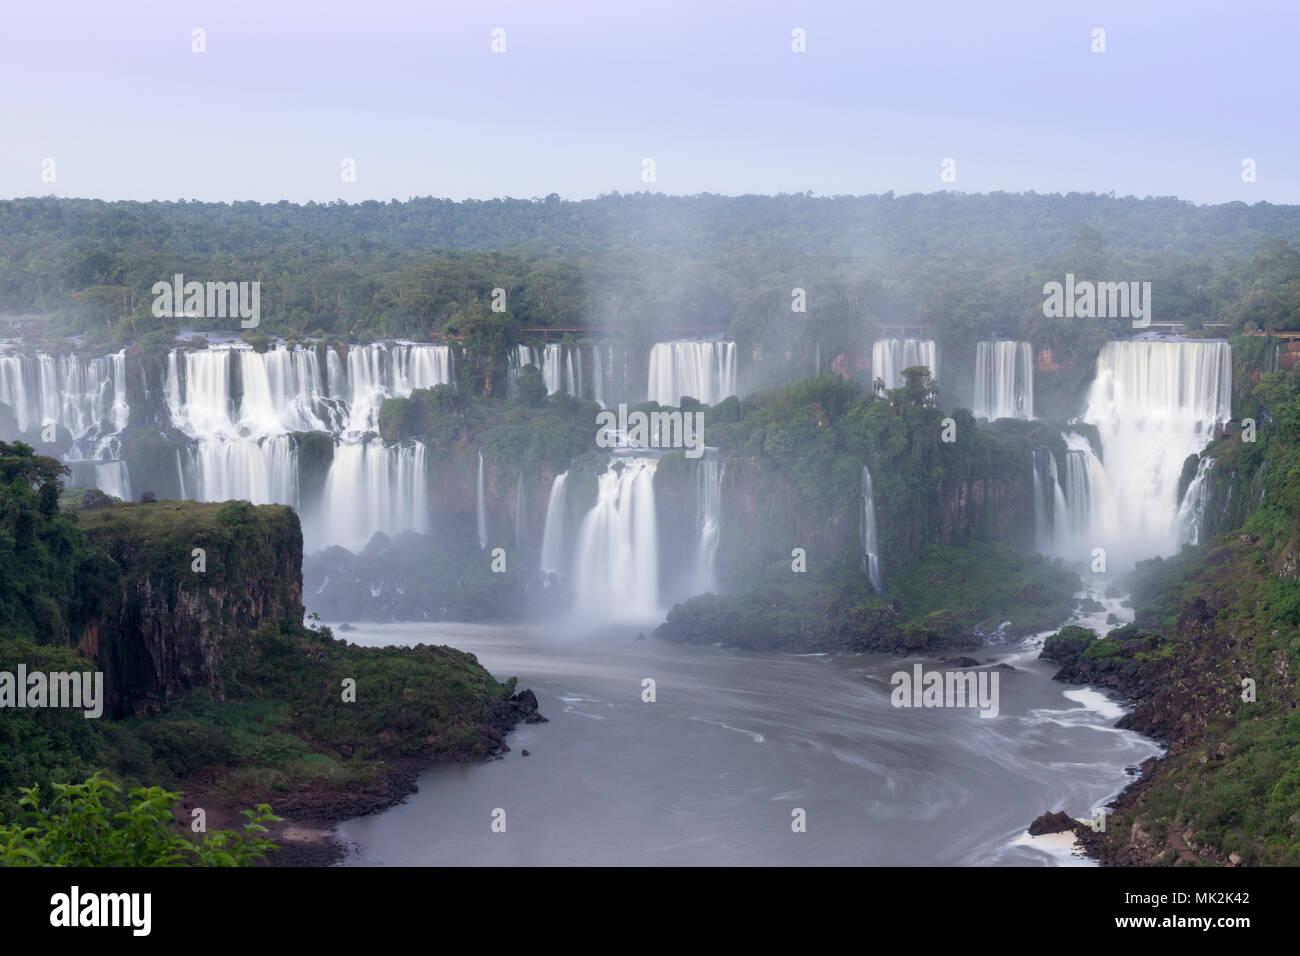 Den Iguassu oder Iguacu falls - der weltweit größten Wasserfall system an der Grenze von Brasilien eine Argentinien Stockbild